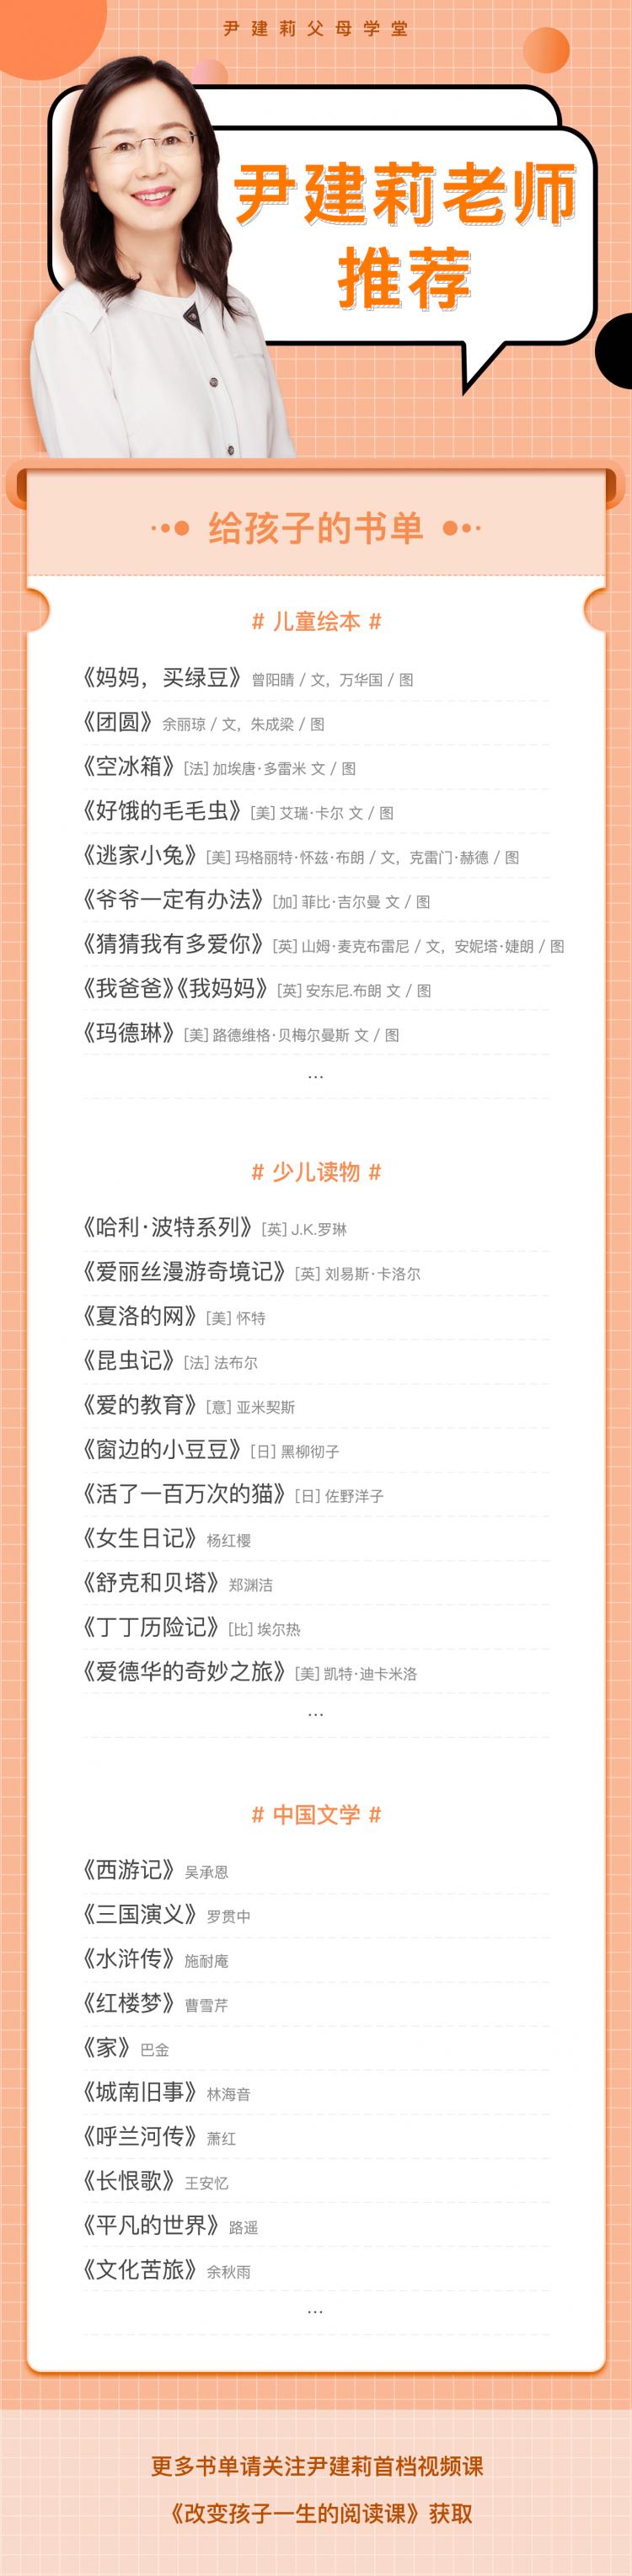 尹建莉推荐书单.png